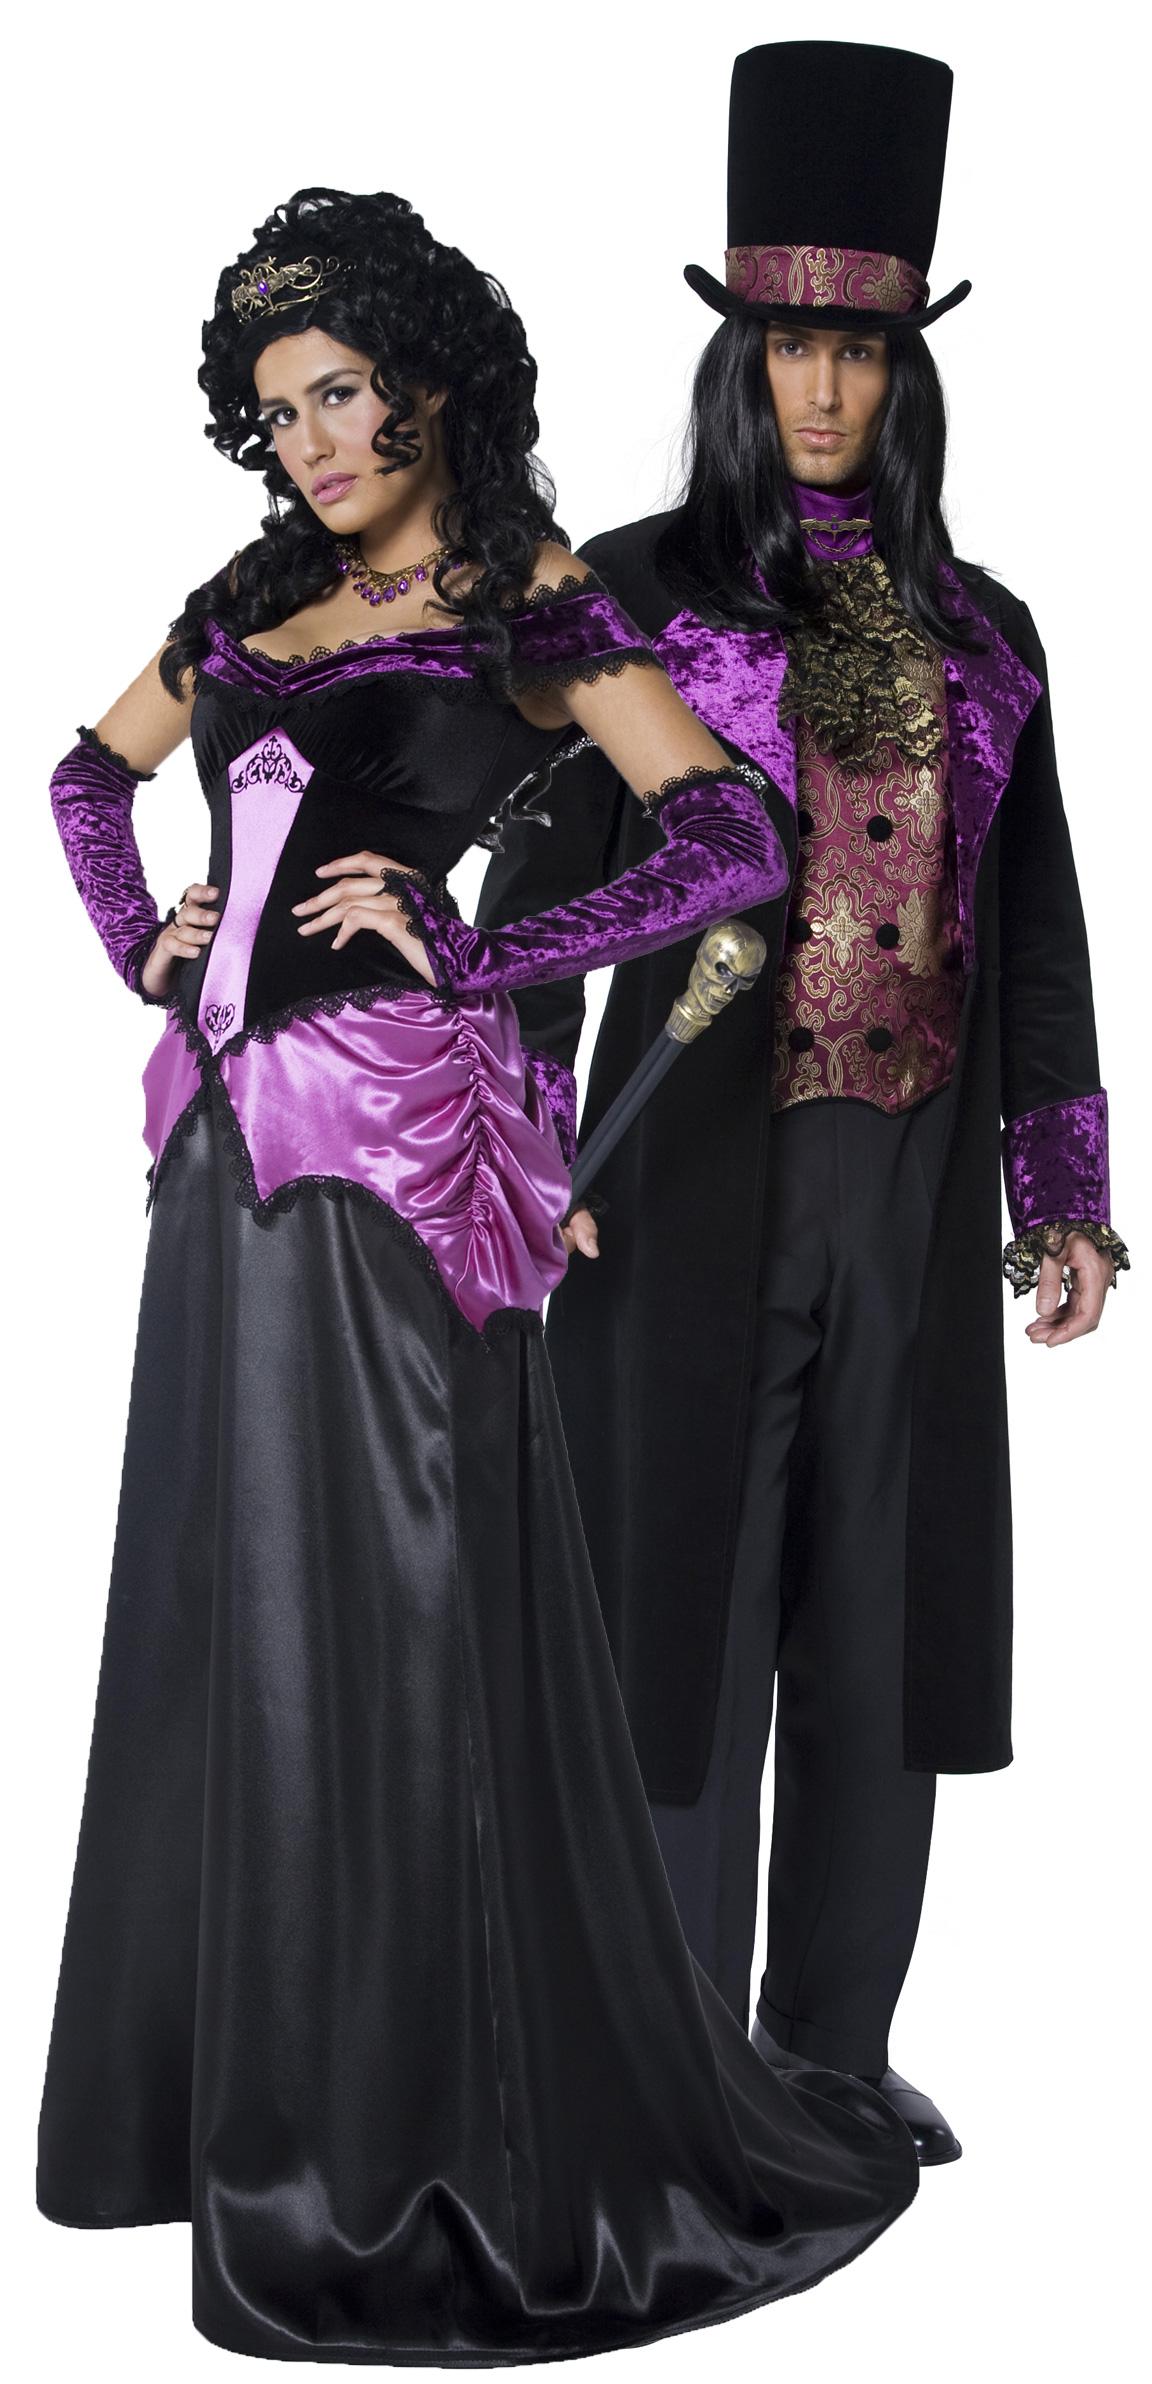 deguisement couple gothique